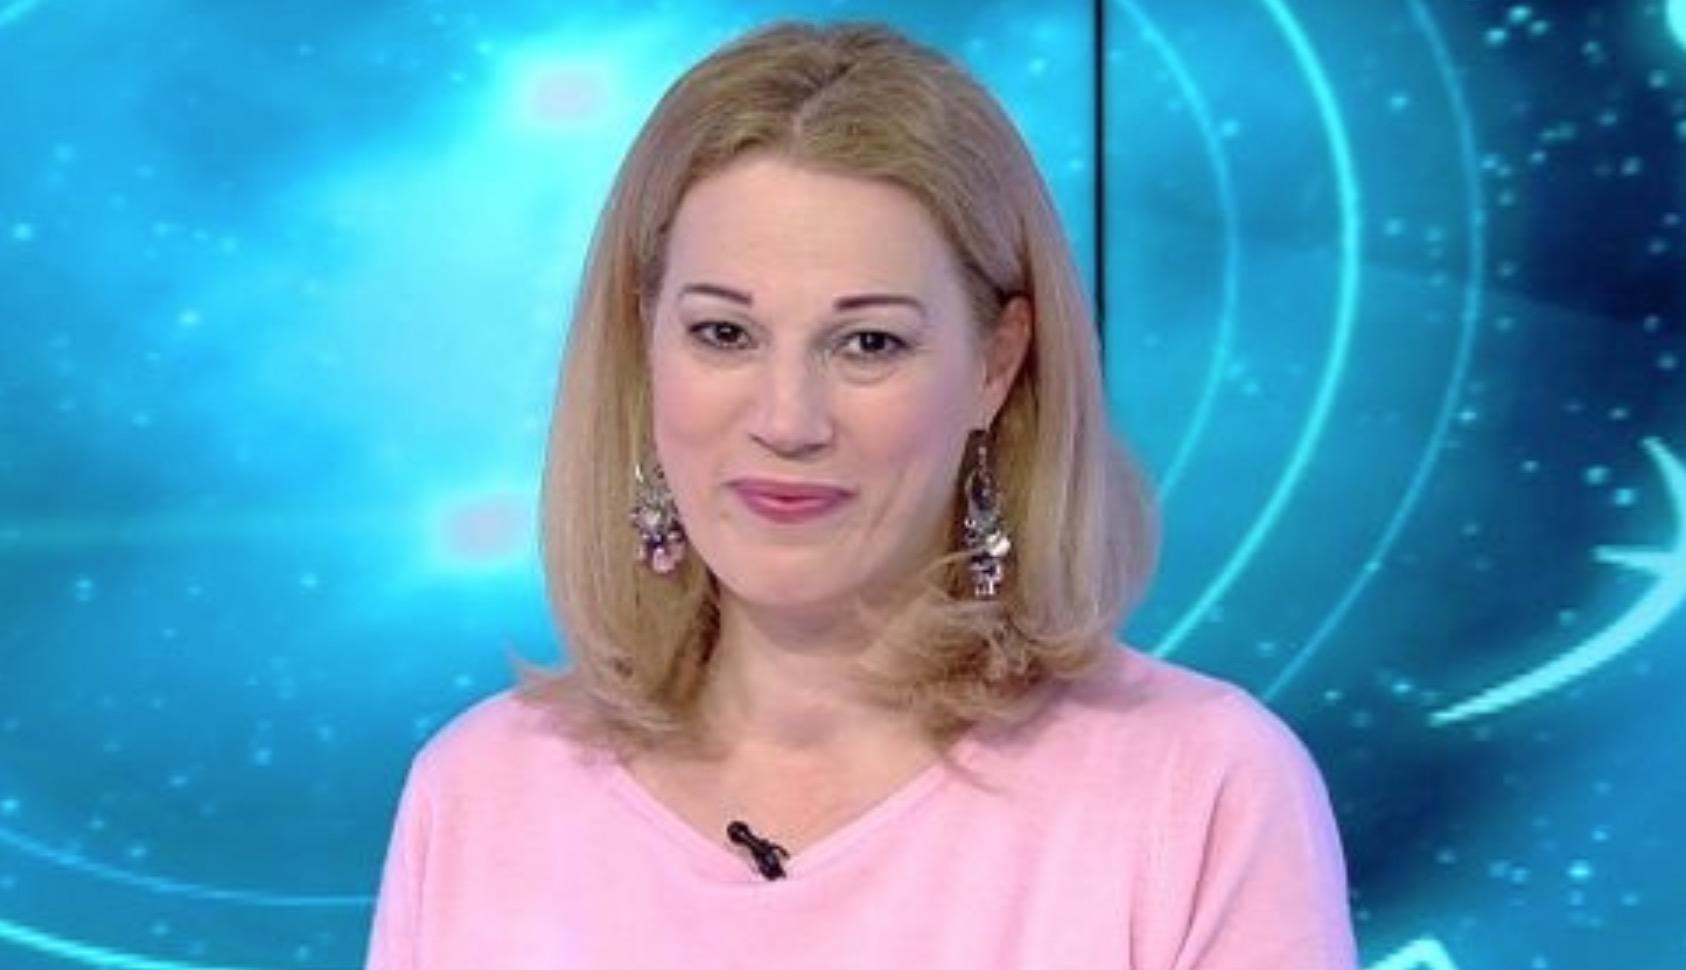 Horoscopul zilei de 6 martie 2019, cu Camelia Pătrășcanu. Leii trebuie să-și asume niște riscuri dacă vor să aibă de câștigat